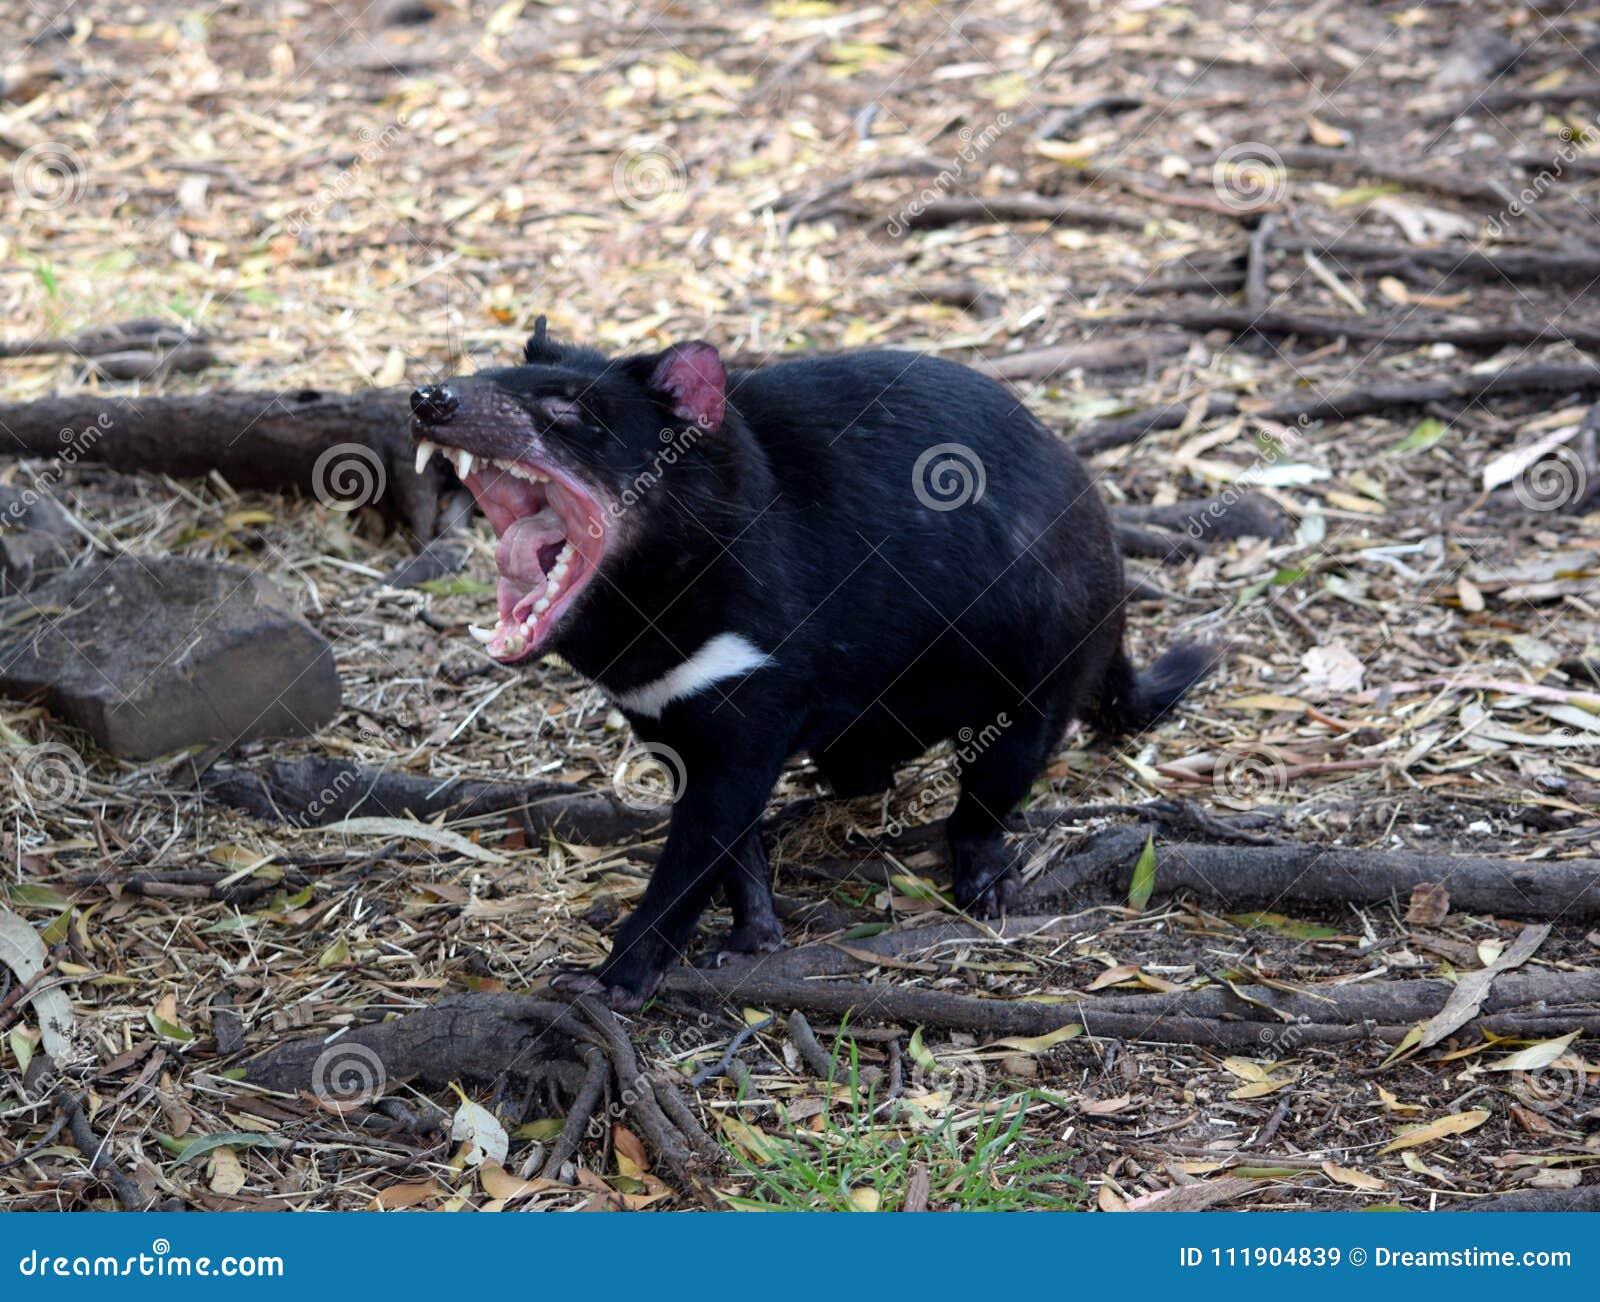 Tasmanian Devil, Tasmania.